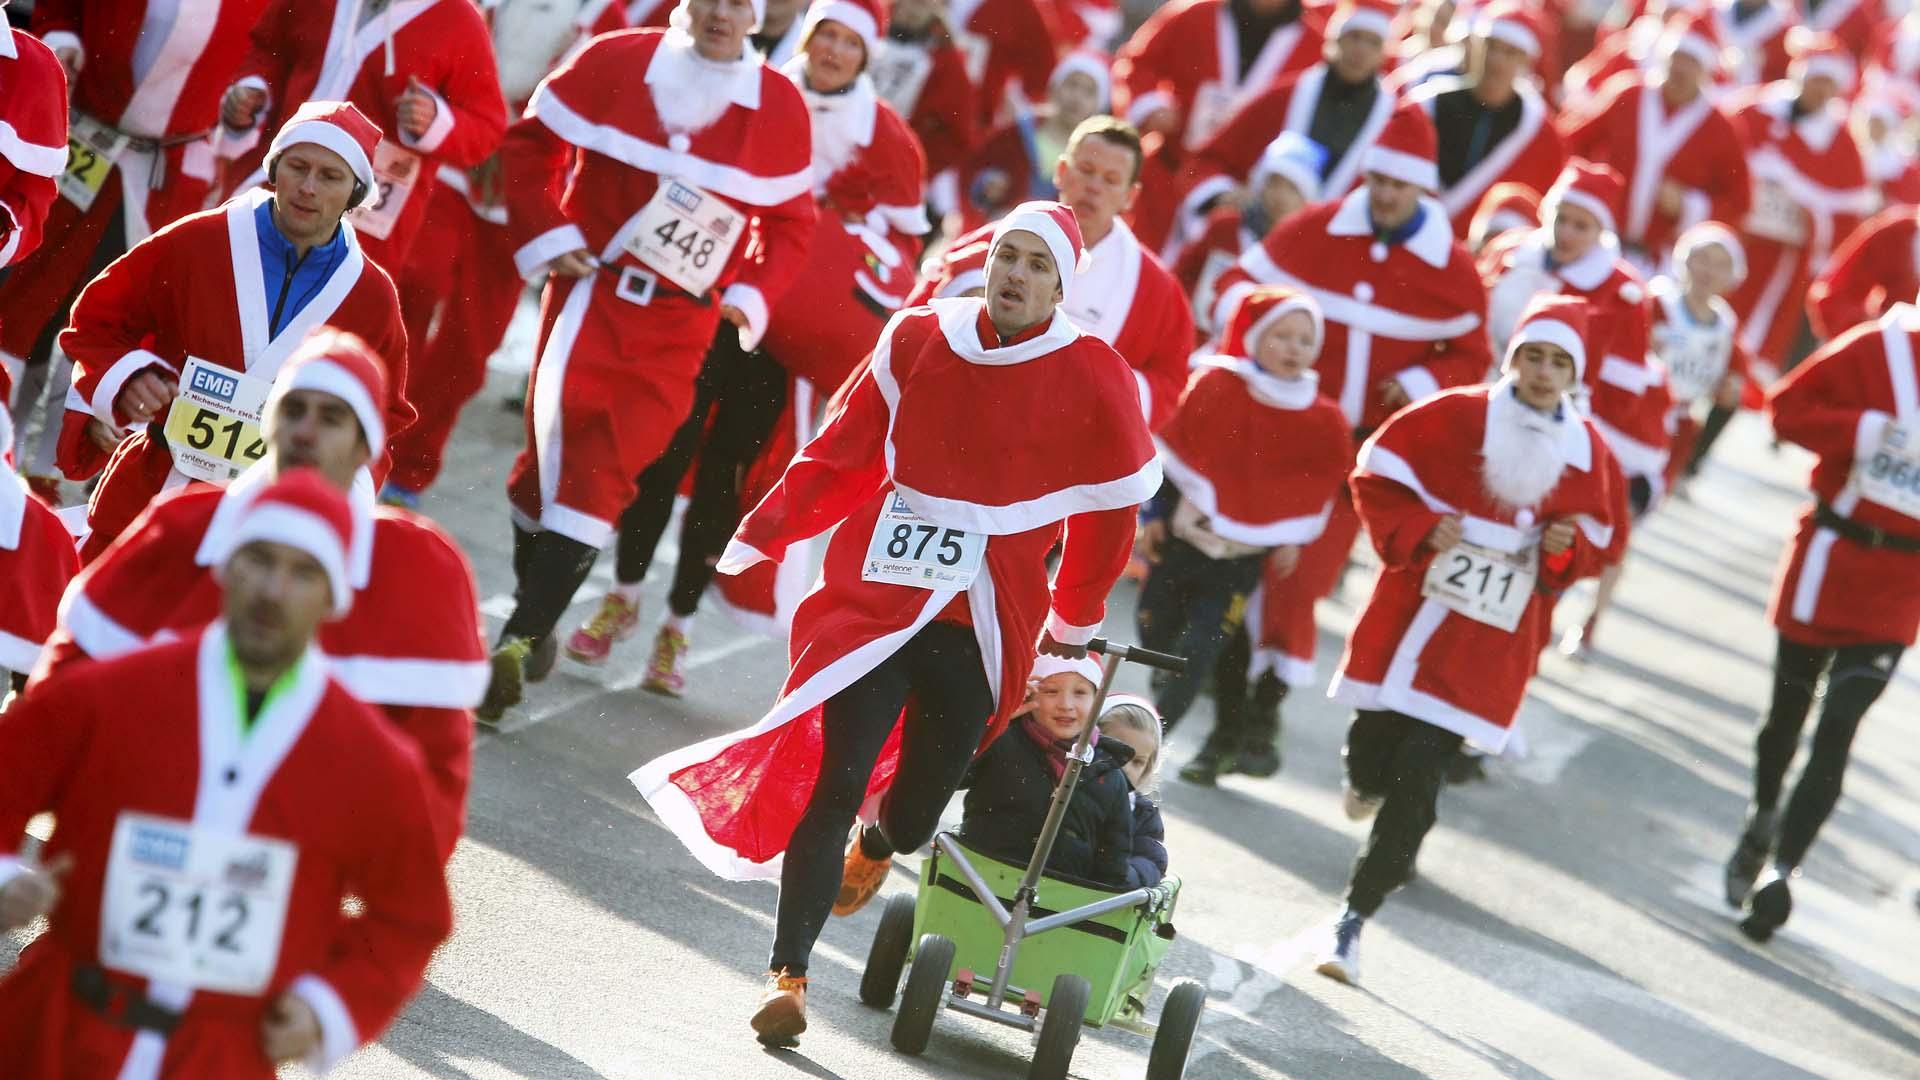 Un recorrido mágico decembrino espera a todas las familias caraqueñas el próximo domingo en donde más de un centenar de personas le darán la oficial bienvenida a la Navidad